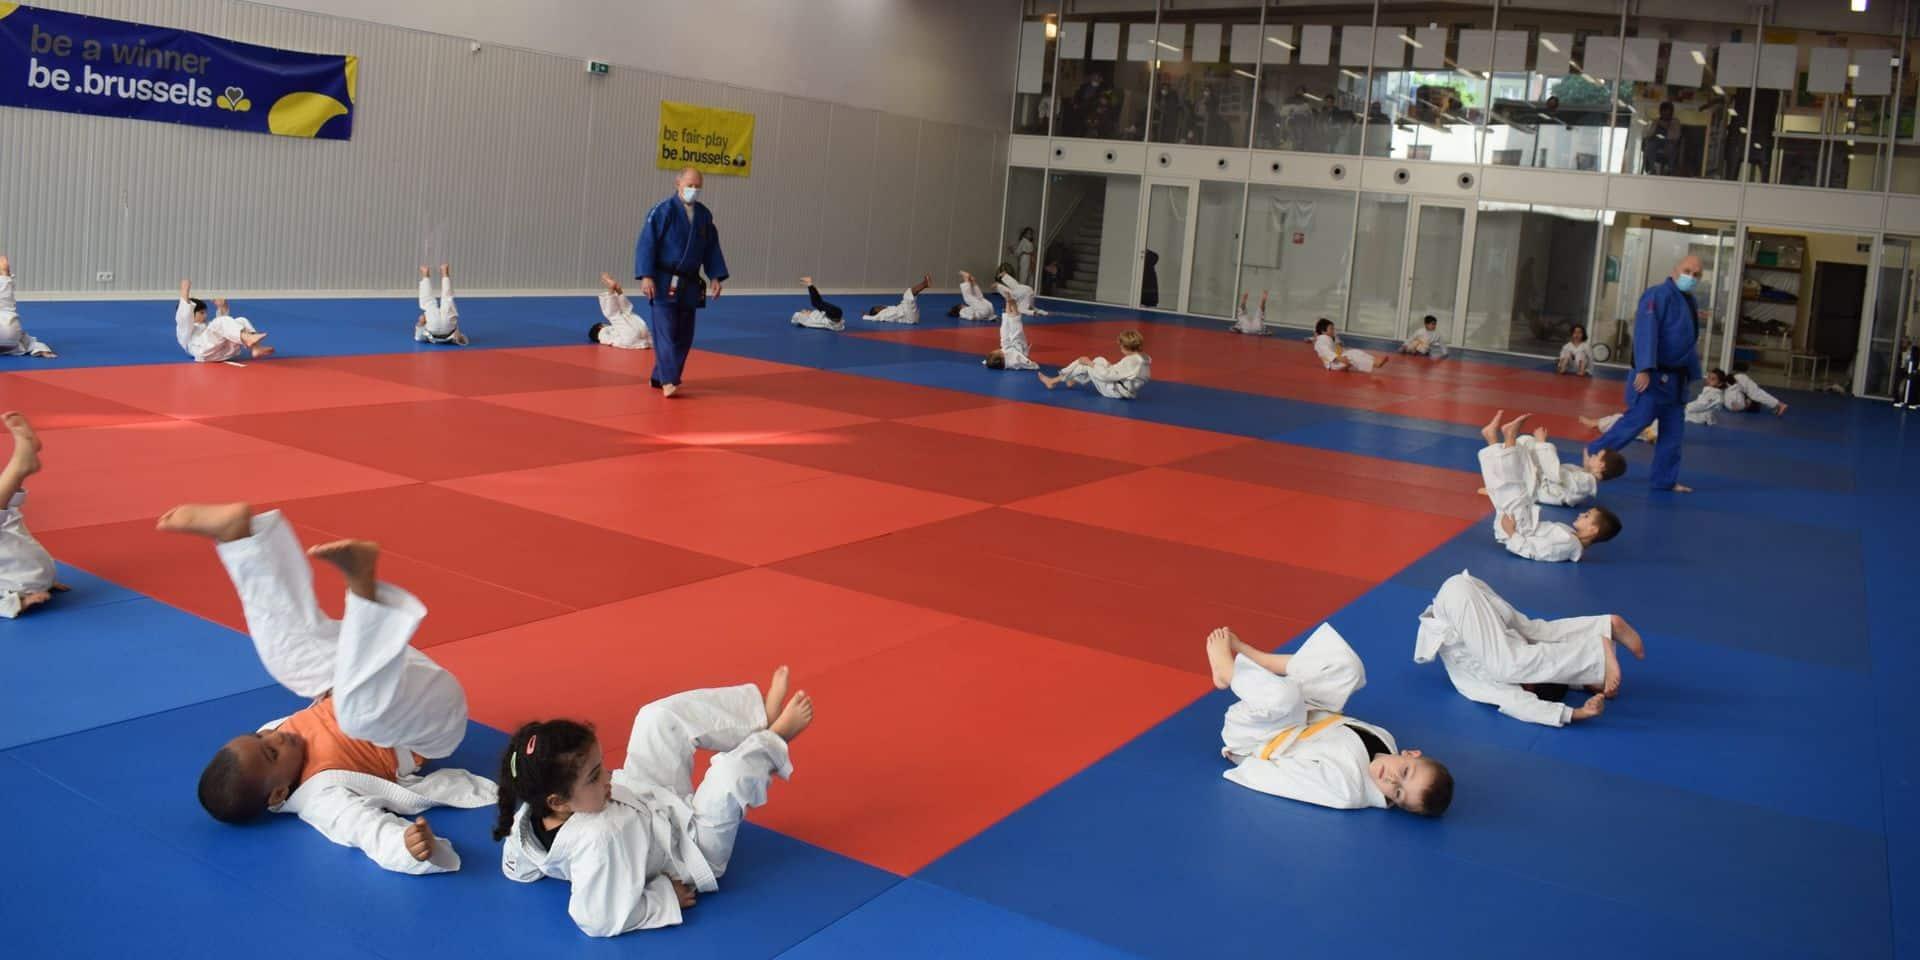 Des initiations de judo pour les fêtes d'anniversaire grâce au Crossing Schaerbeek